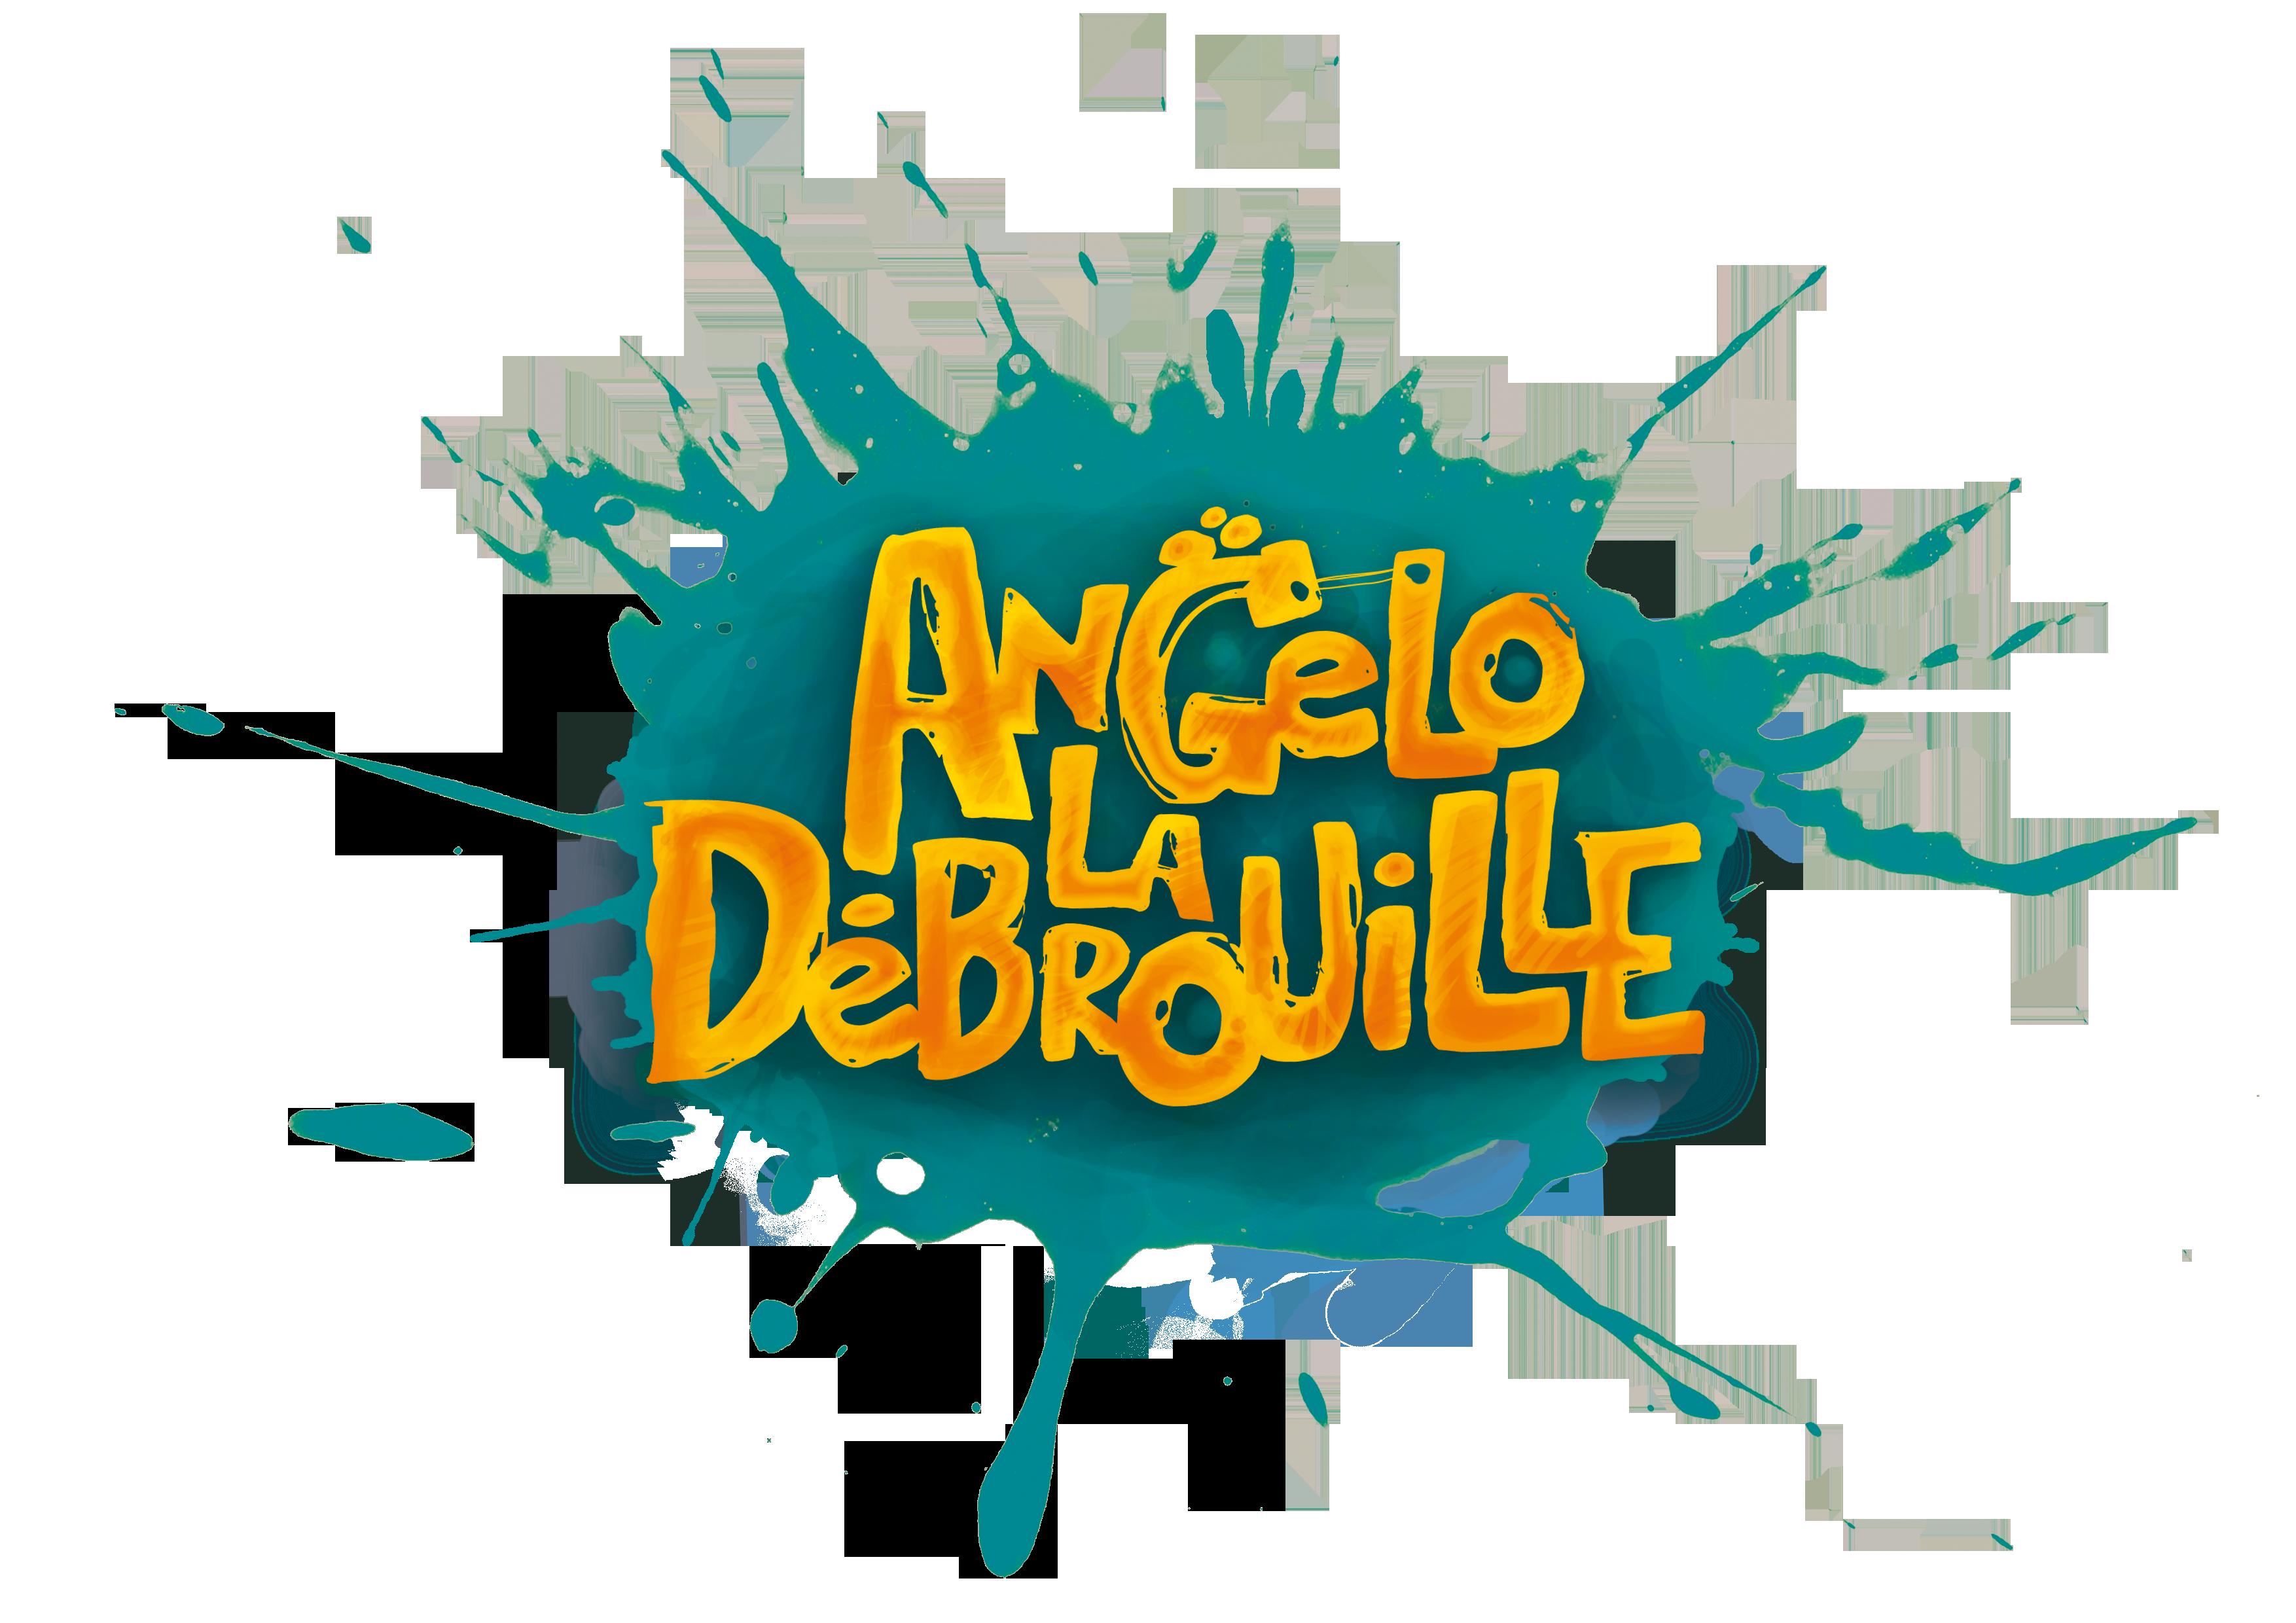 Débrouille Débrouille Angelo Angelo Débrouille La La Débrouille Angelo La Angelo Angelo La La Débrouille SMVzGpqU